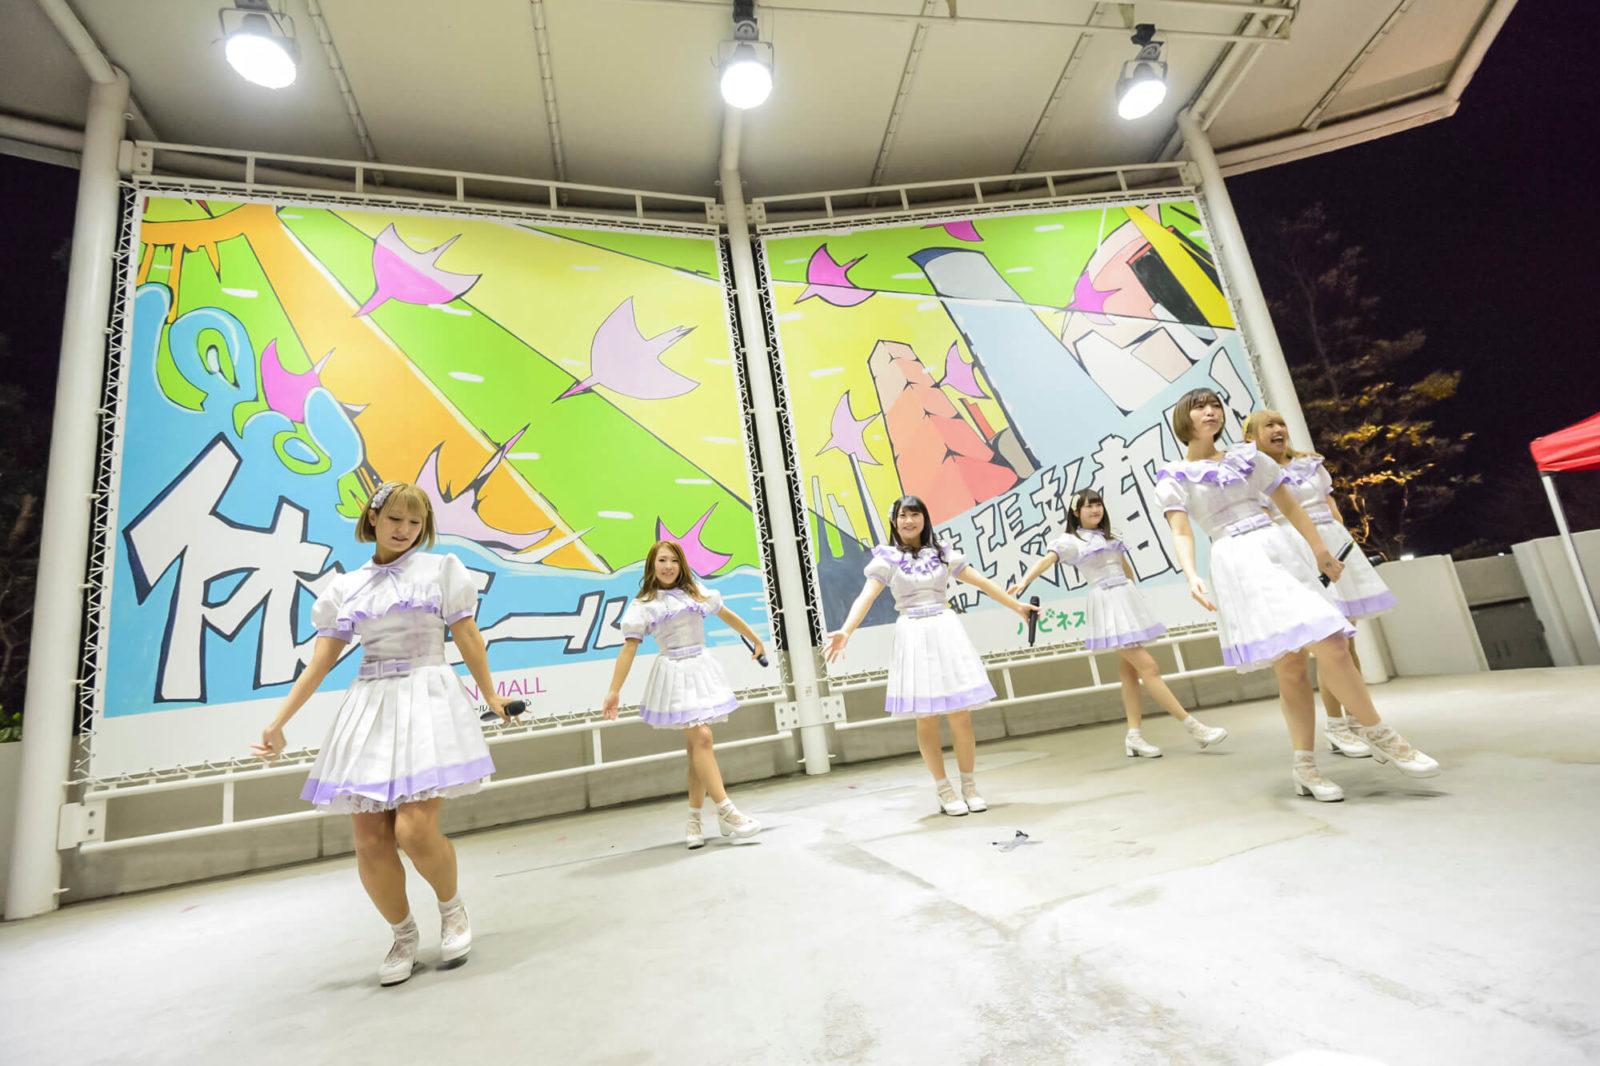 アイドルカレッジが夏ソングで会場を熱々に&DREAMING MONSTERが大トリでメジャーデビューを報告!【「IDOL CONTENT EXPO 〜冬の大無銭祭〜」2日目レポート】画像78088